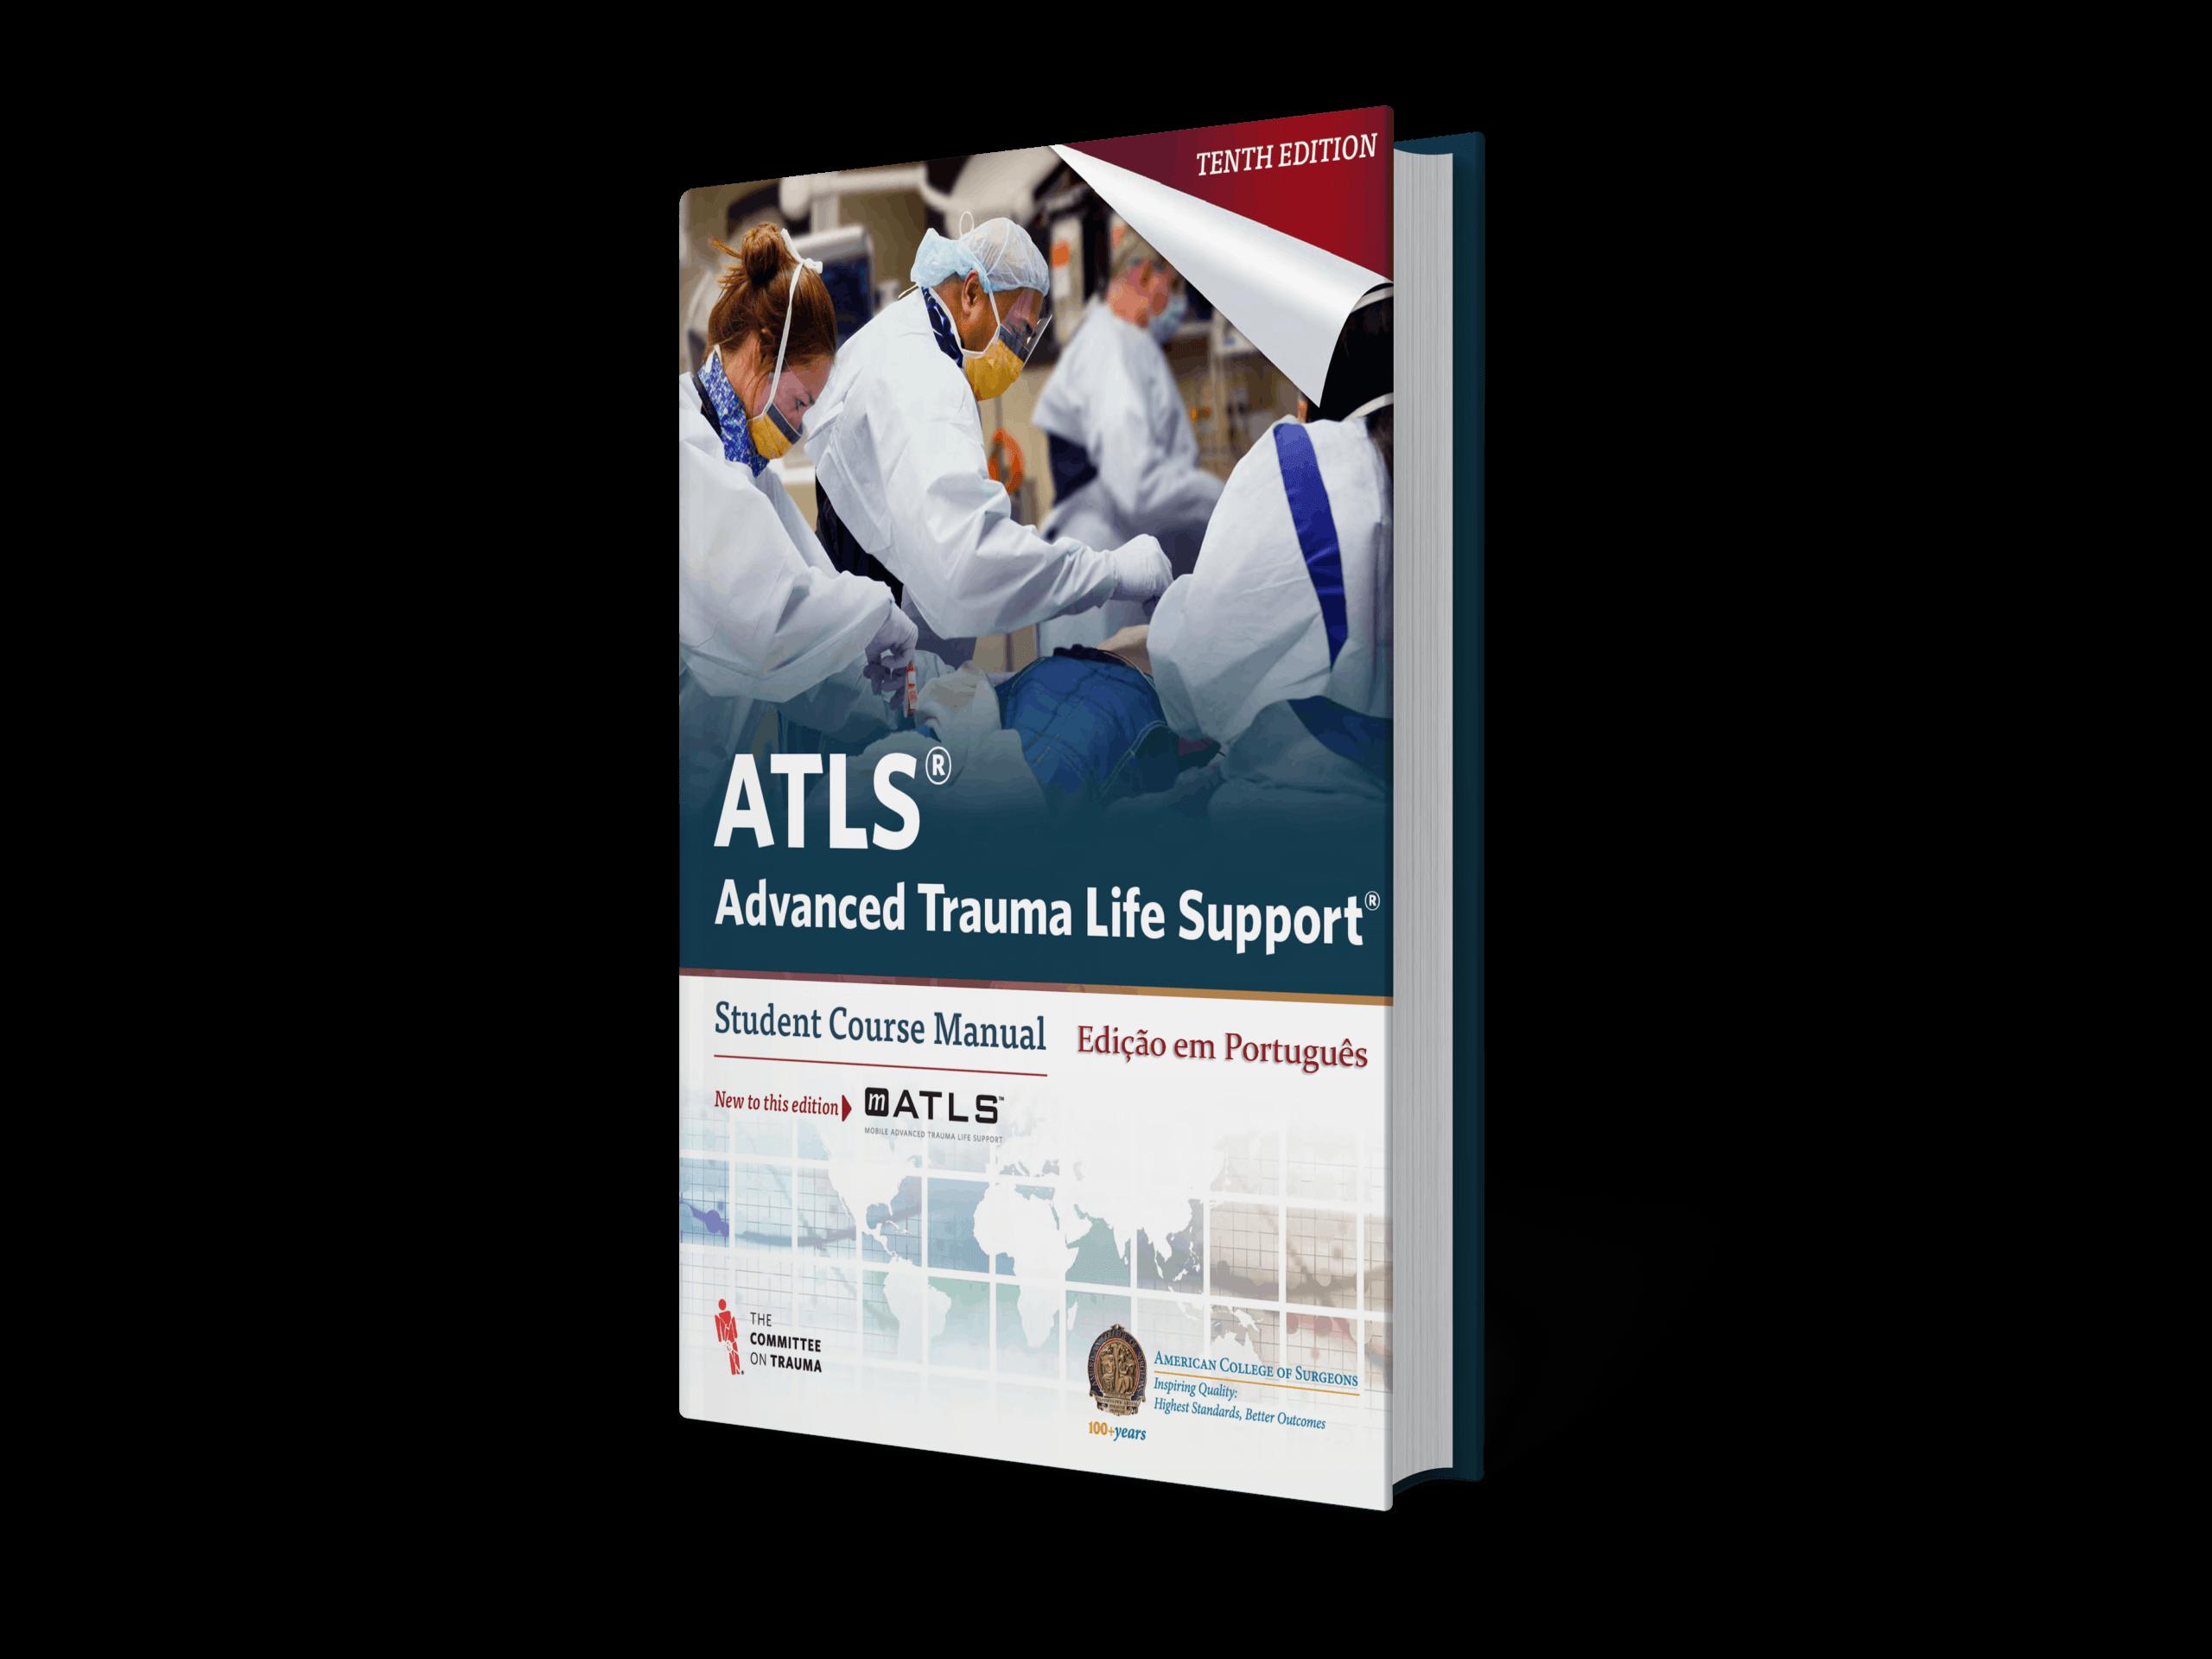 ATLS - capa livro novo (1)